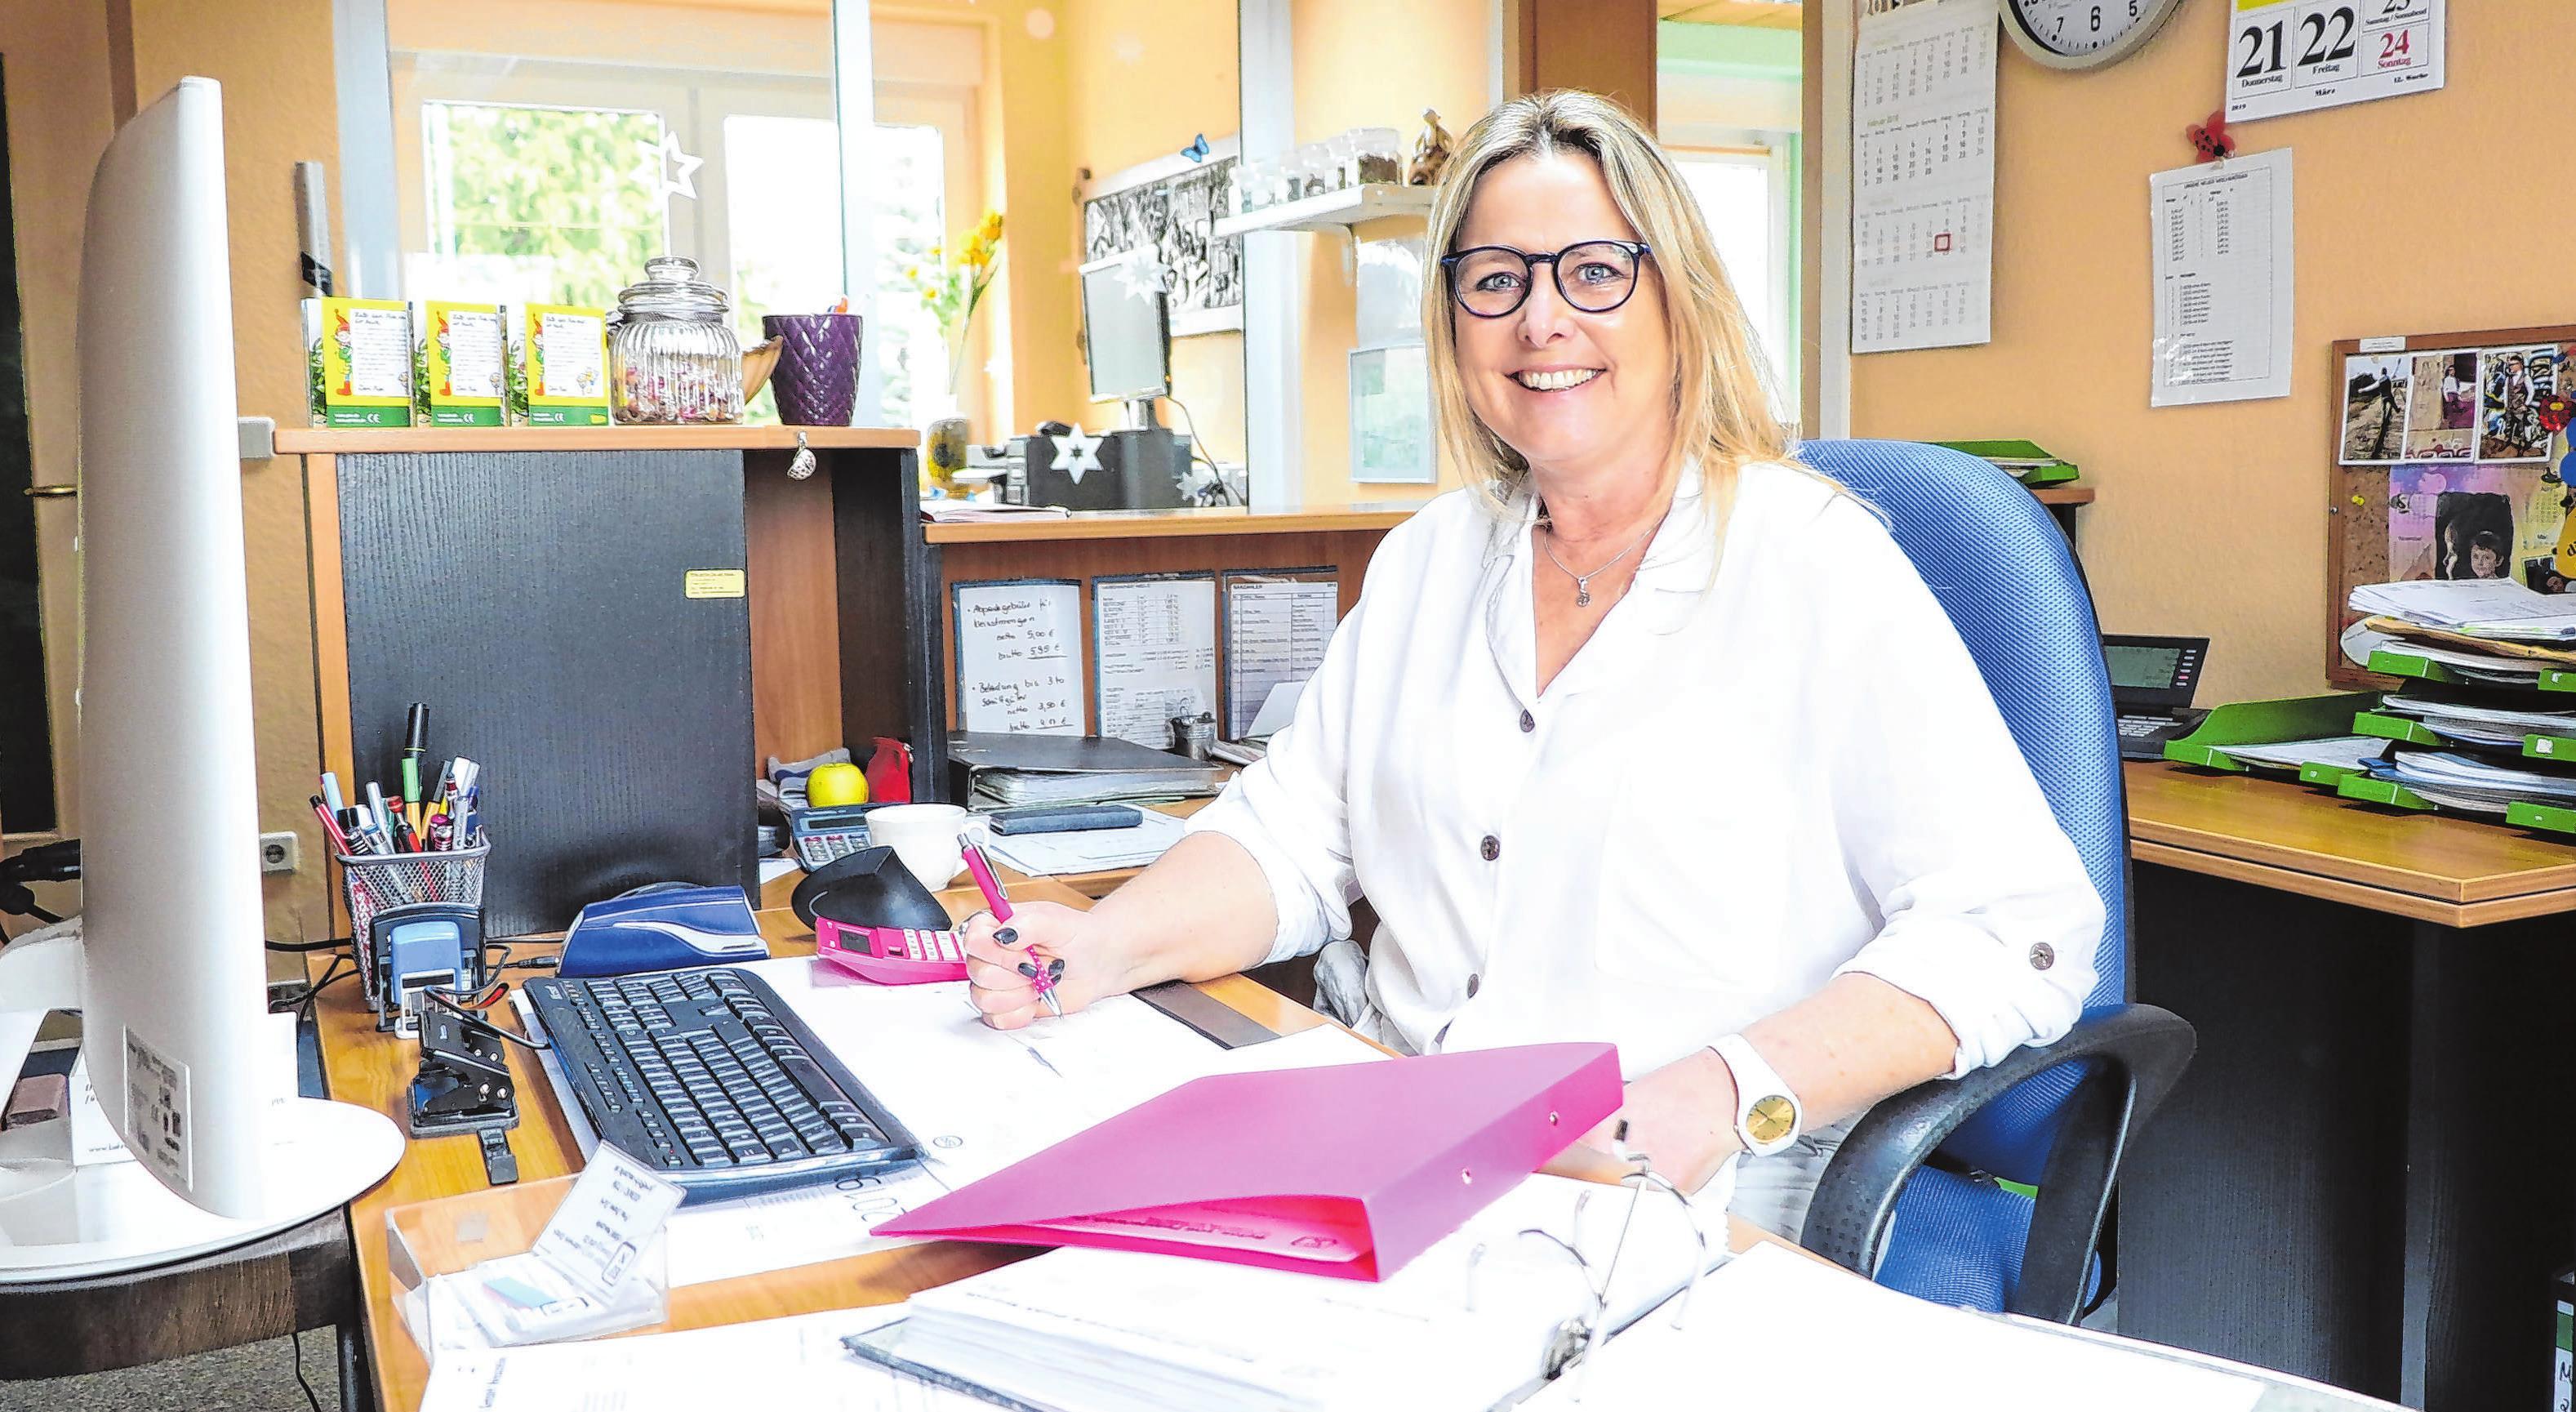 """Seit 14 Jahren unterstützt Diane Jurk als """"Mädchen für alles"""" das BFN Team. Sie ist erste Ansprechpartnerin für die Kunden. Zu ihren Aufgaben gehören die Beratung, das Erstellen von Angeboten und der Verkauf, sie löst Bestellungen aus und kümmert sich mit um die Buchhaltung. """"Ich arbeite sehr gerne hier. Meine Tätigkeit ist sehr abwechslungsreich und ich kann eigene Ideen einbringen"""", sagt Diane Jurk. Besonders freut es sie, dass sie Anteil daran hat, """"den Fortschritt ins Büro zu holen"""", wie sie bezugnehmend auf die Digitalisierung erzählt. Dass sie und ihre Chefin die einzigen Frauen im Unternehmen sind, stört sie keineswegs. Im Gegenteil. Diane Jurk lobt das """"sehr angenehme Betriebsklima"""". """"Ich wünsche mir, dass es noch viele Jahre so weiter geht.""""Fotos: Anne Bennewitz"""